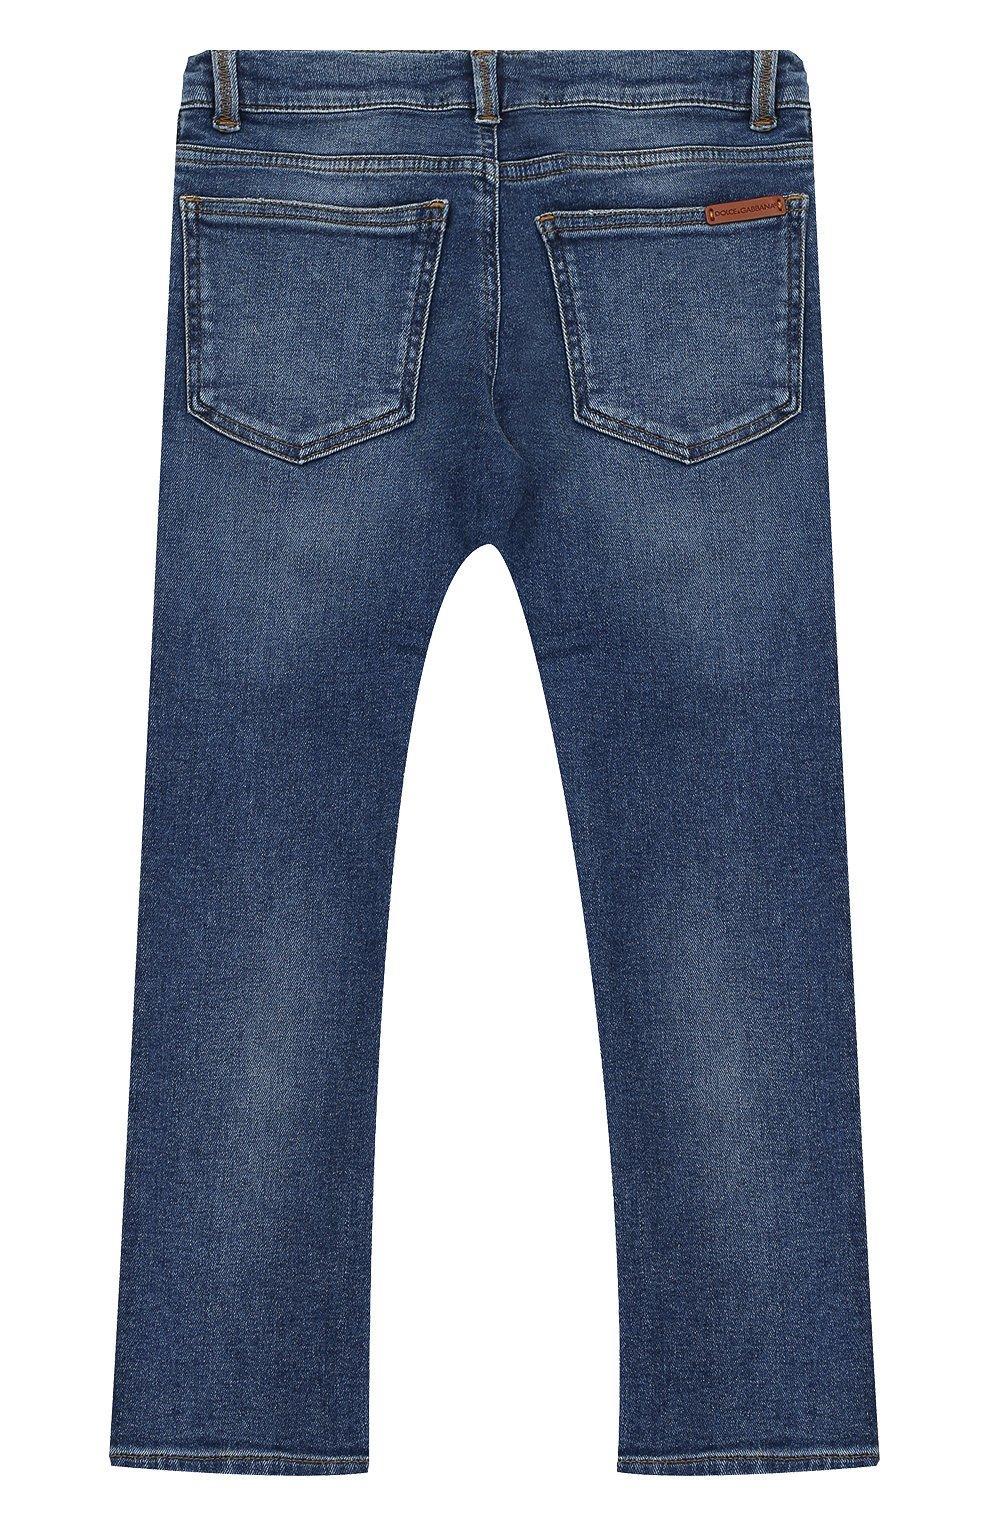 Детские джинсы прямого кроя с вышивкой Dolce & Gabbana синего цвета | Фото №2